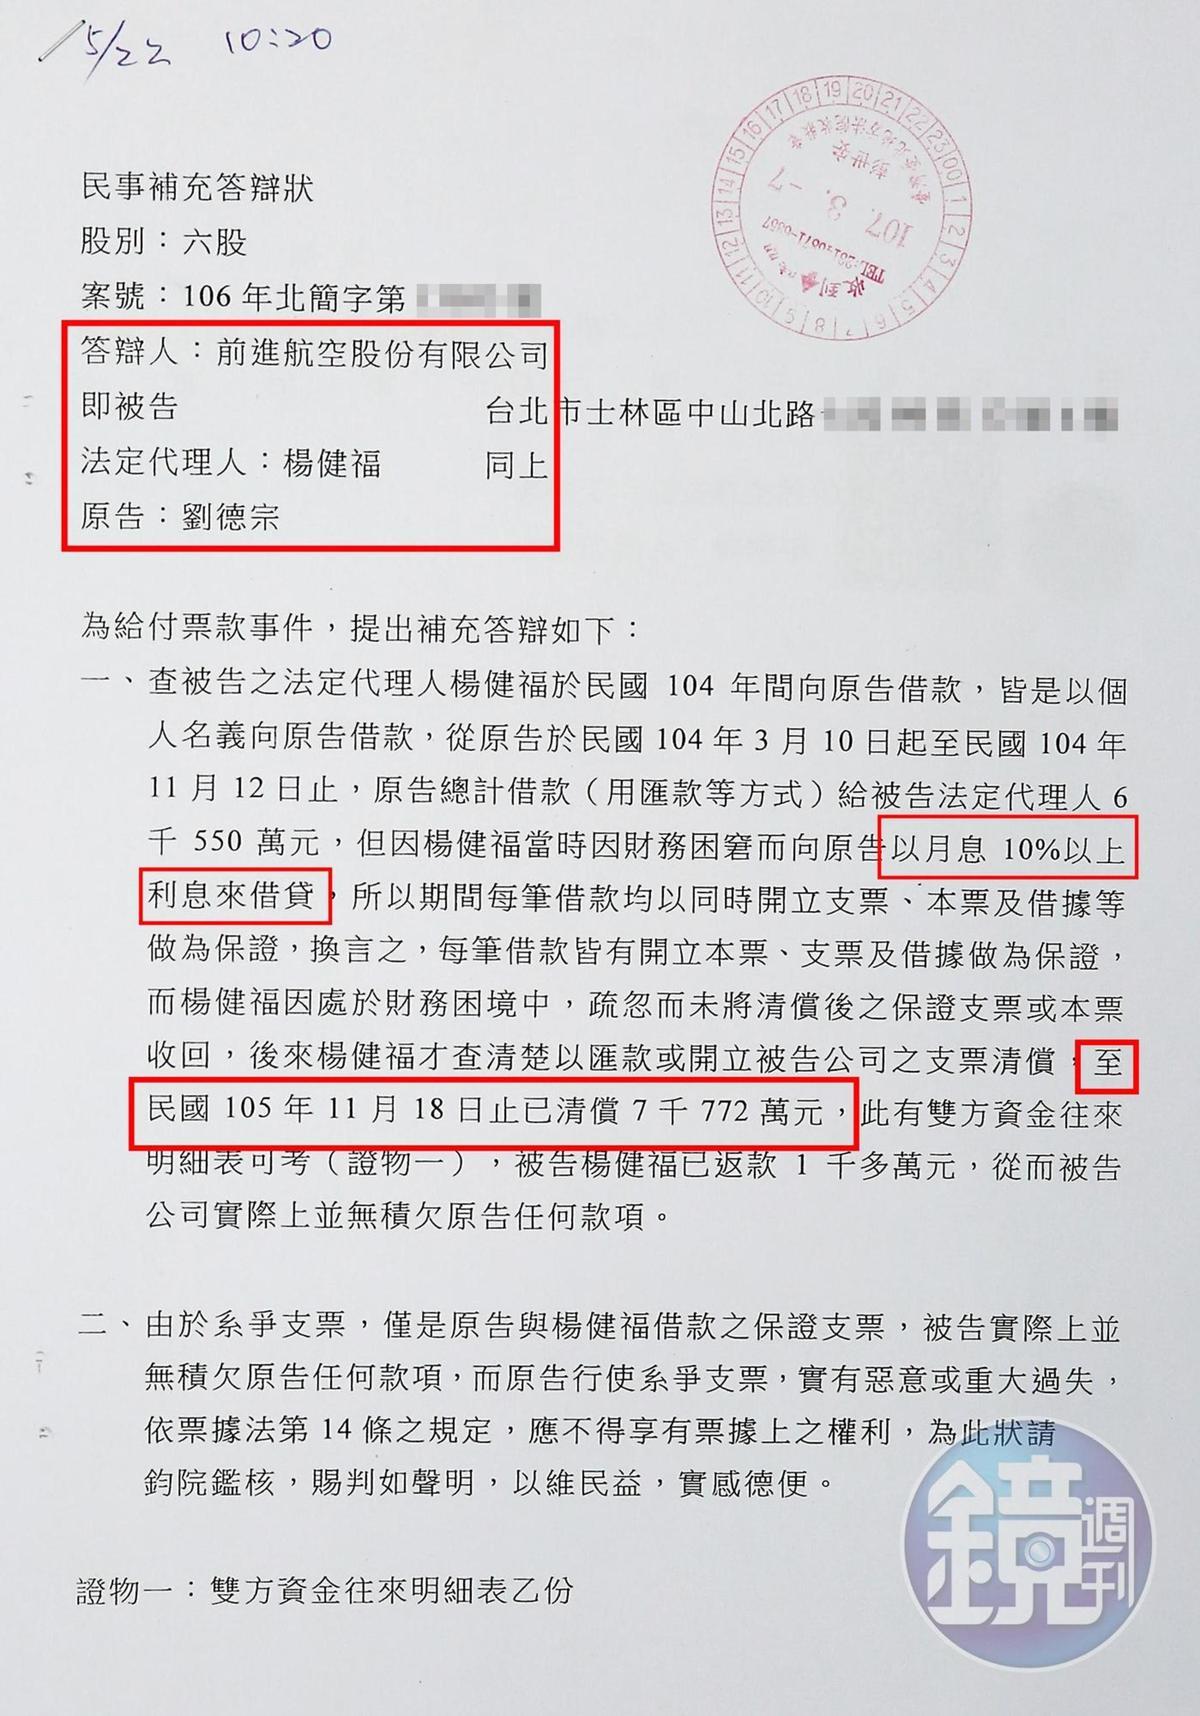 前進航空前董座楊健福,向本刊出示他與行政院政策顧問劉德宗訴訟的民事補充答辯狀。